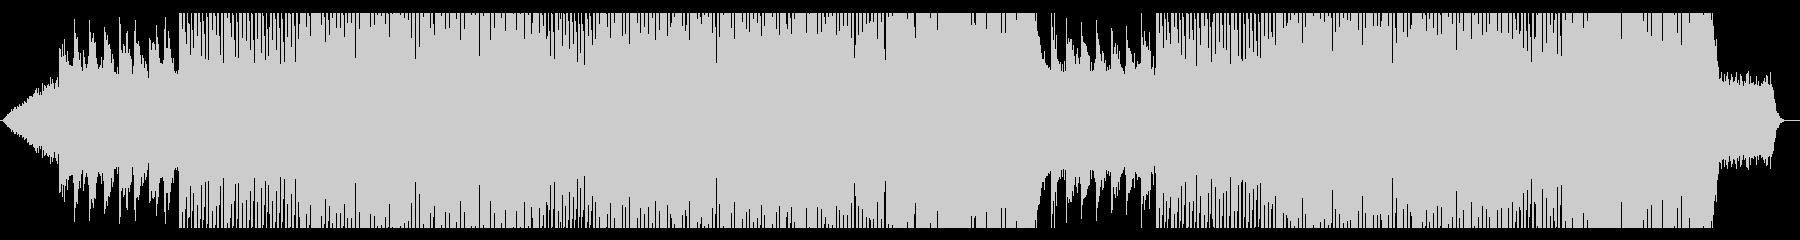 宇宙にいるような曲(メロディ有)の未再生の波形